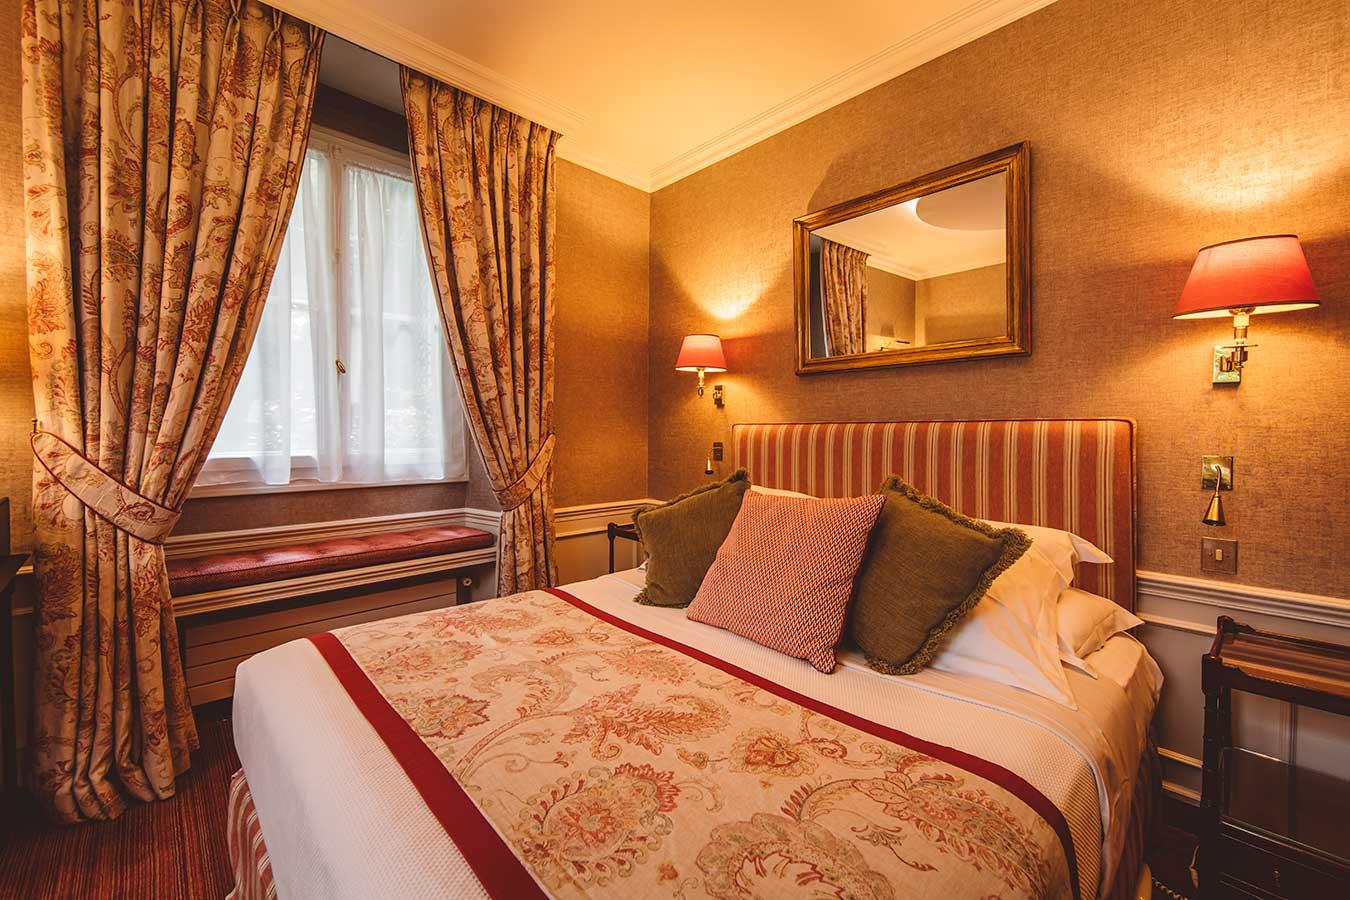 Junior Suite Jardin - Grand lit et banquette de fenêtre, rideaux à motifs, harmonie rouge et beige